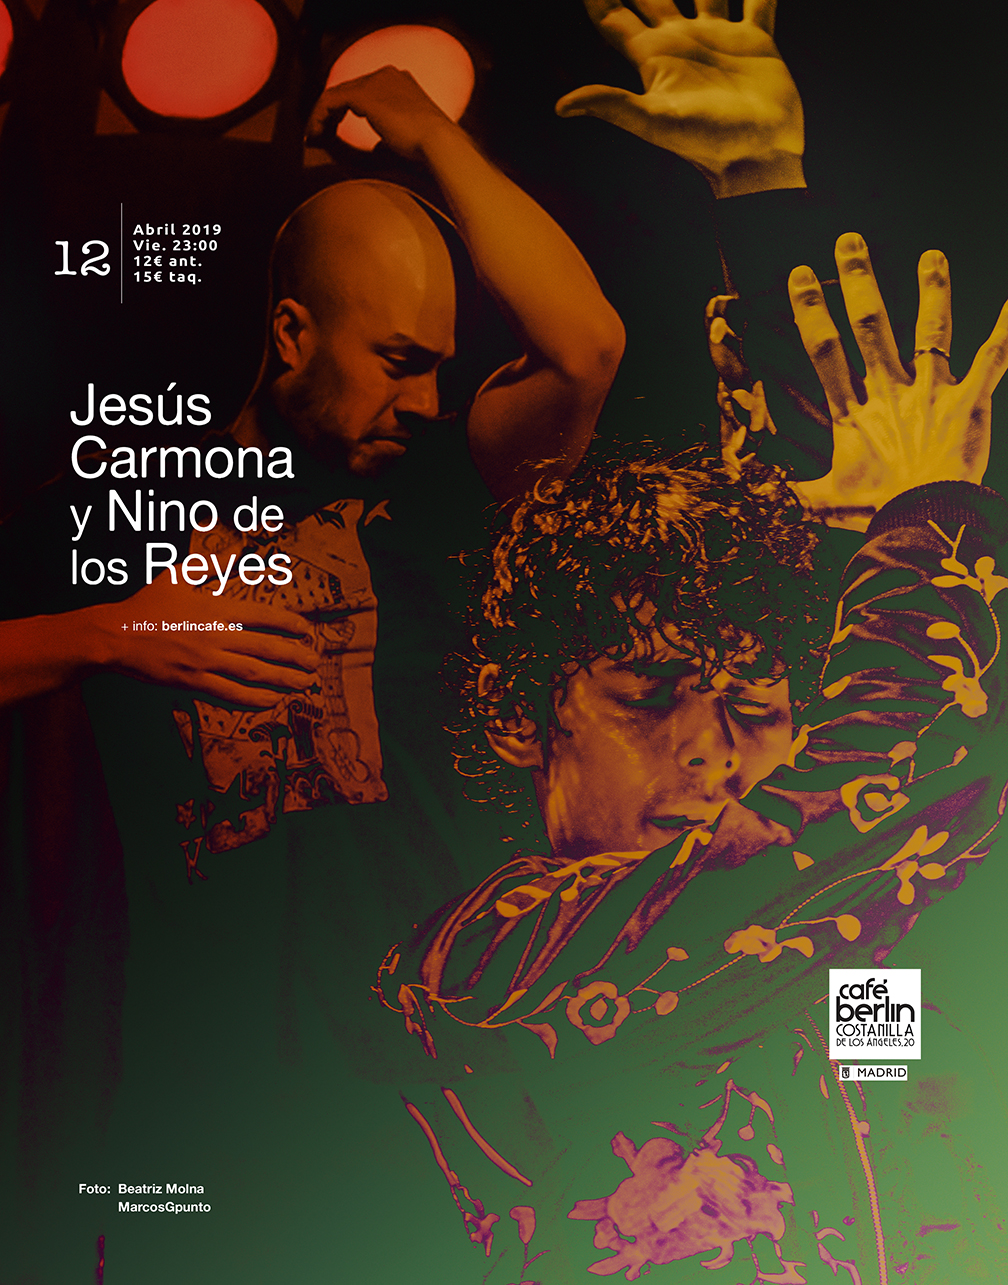 Jesús Carmona & Nino de los Reyes